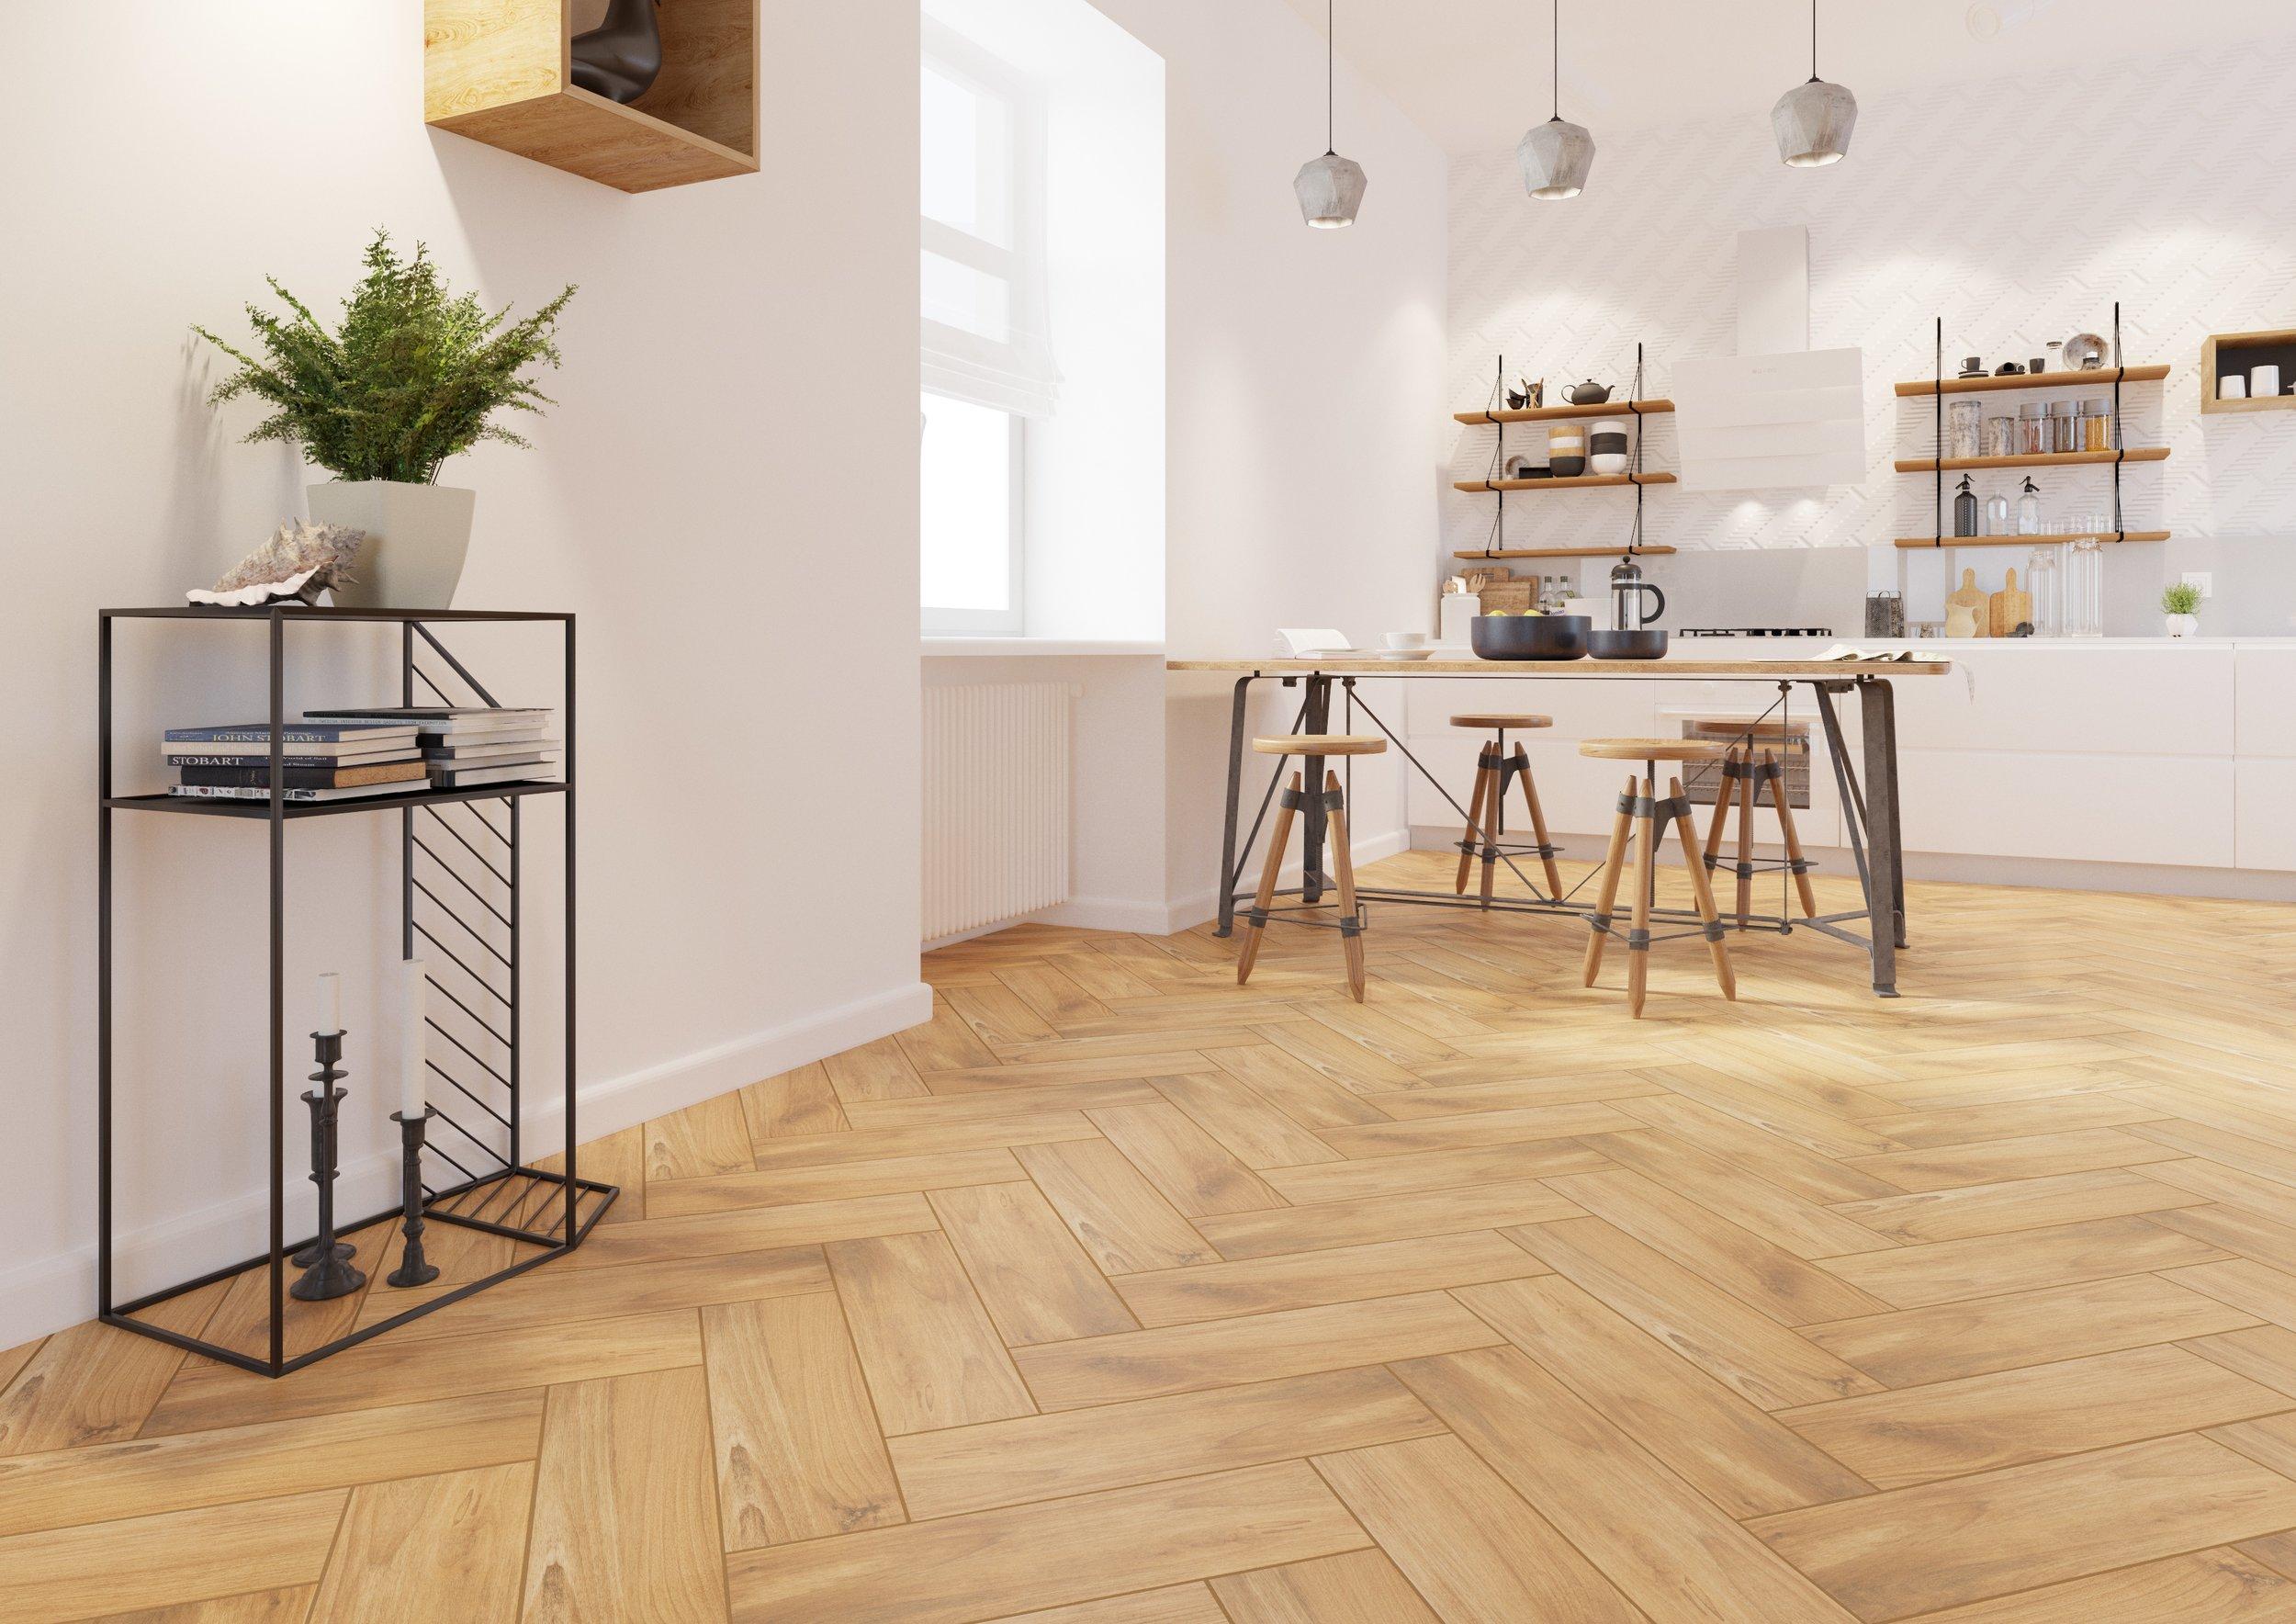 Wizualizacje podłóg drewnianych i płytek ceramicznych_7.jpg